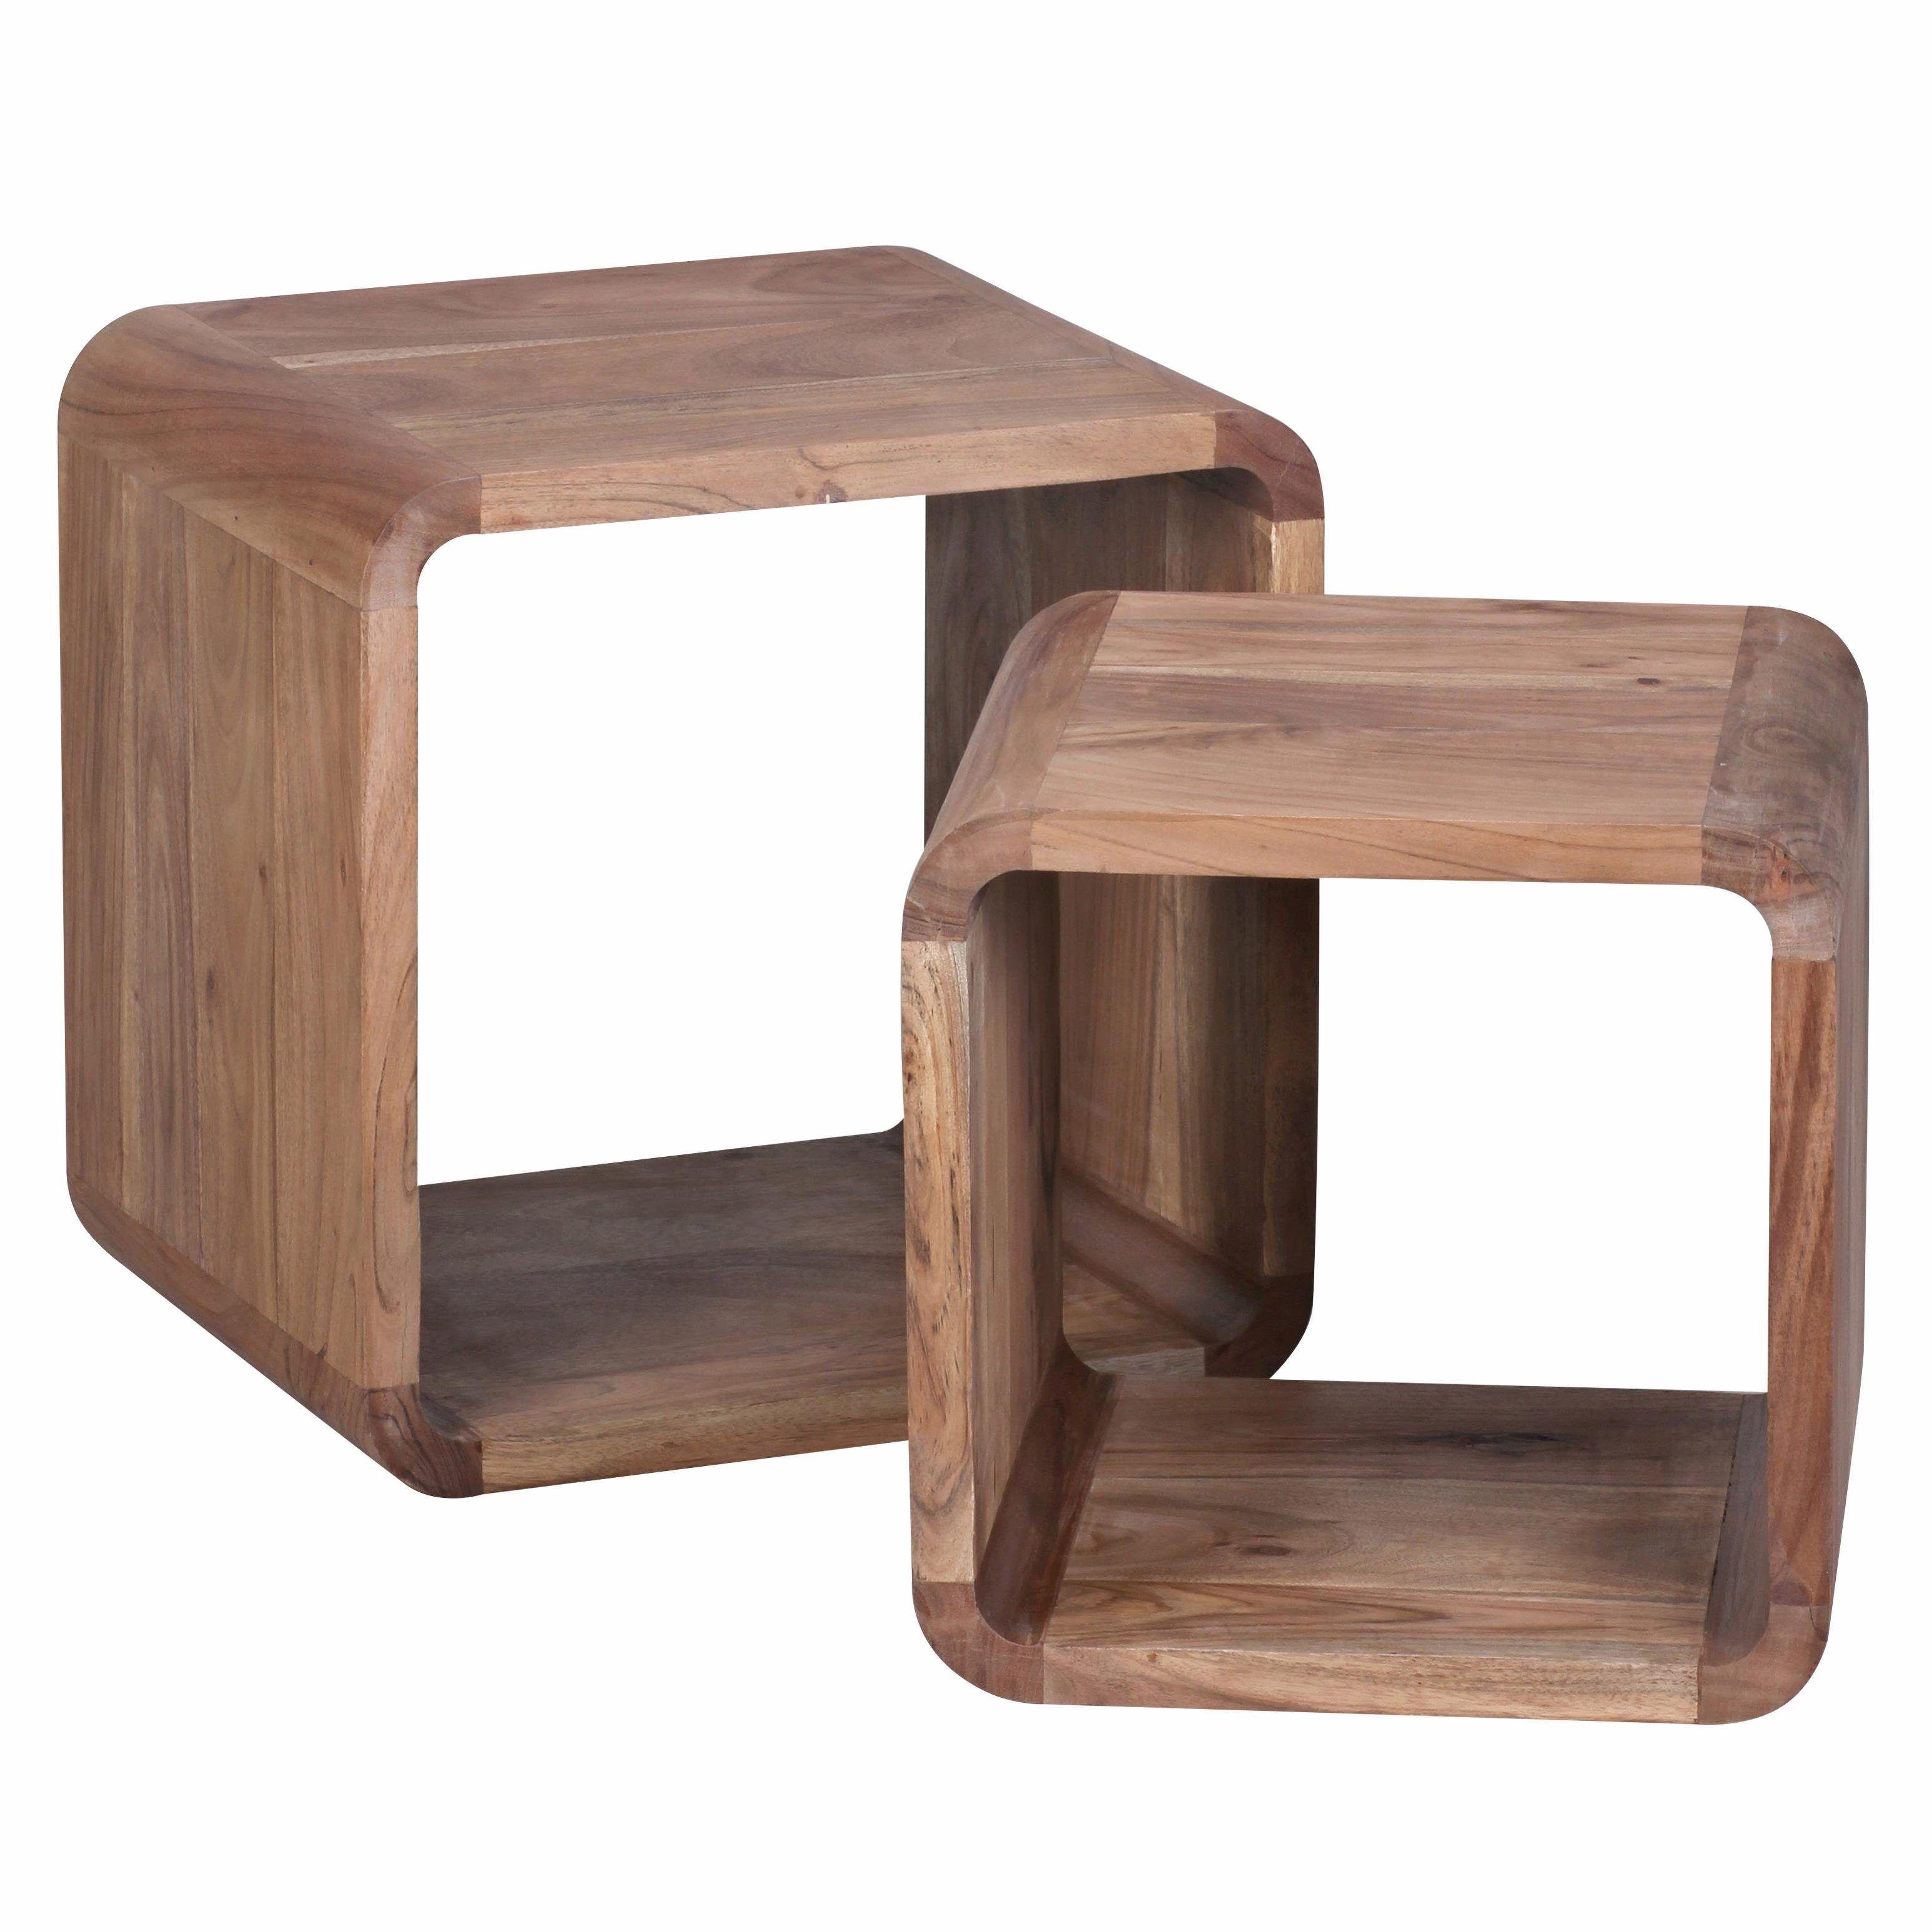 Home Affaire Beistelltisch Beige Cube Fsc Zertifiziert Jetzt Bestellen Unter Https Moebel Lad Beistelltisch 2er Set Couchtisch Massivholz Beistelltisch